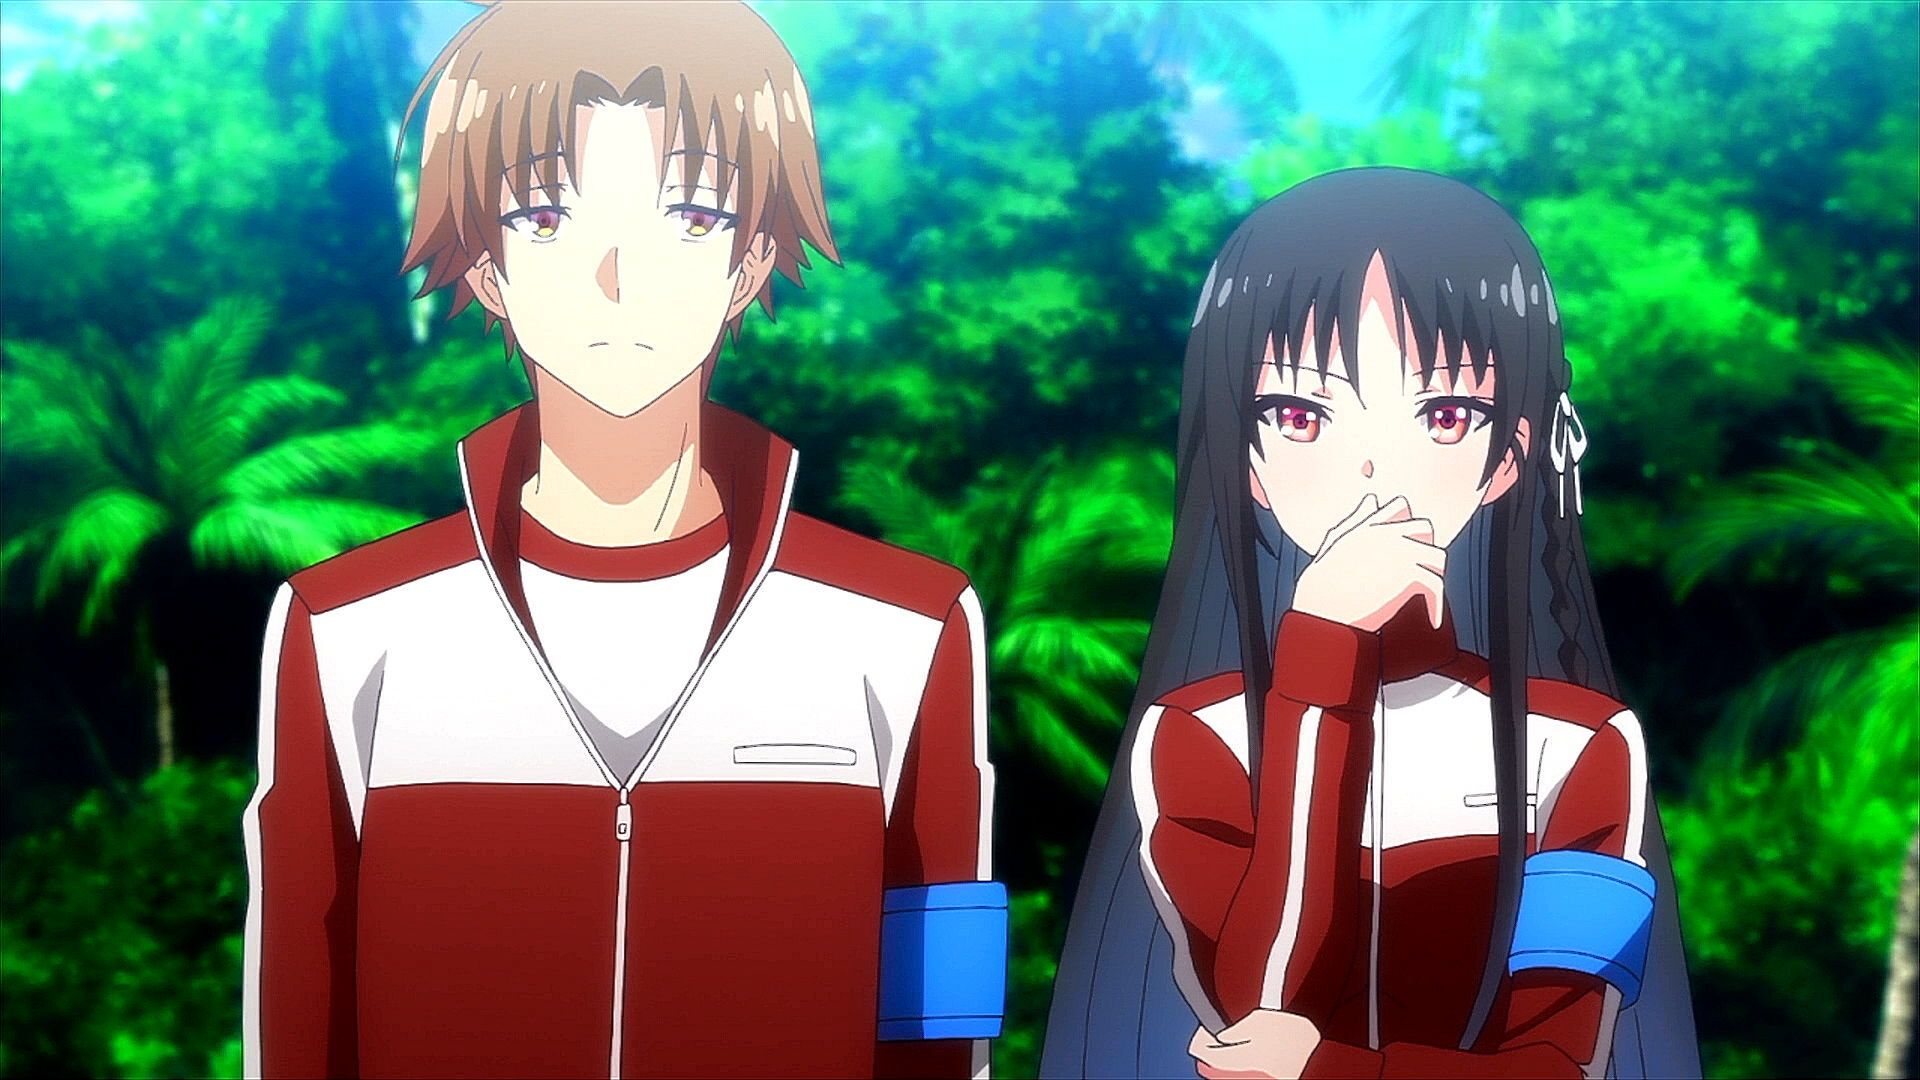 Kiyotaka Ayanokōji & Suzune Horikita